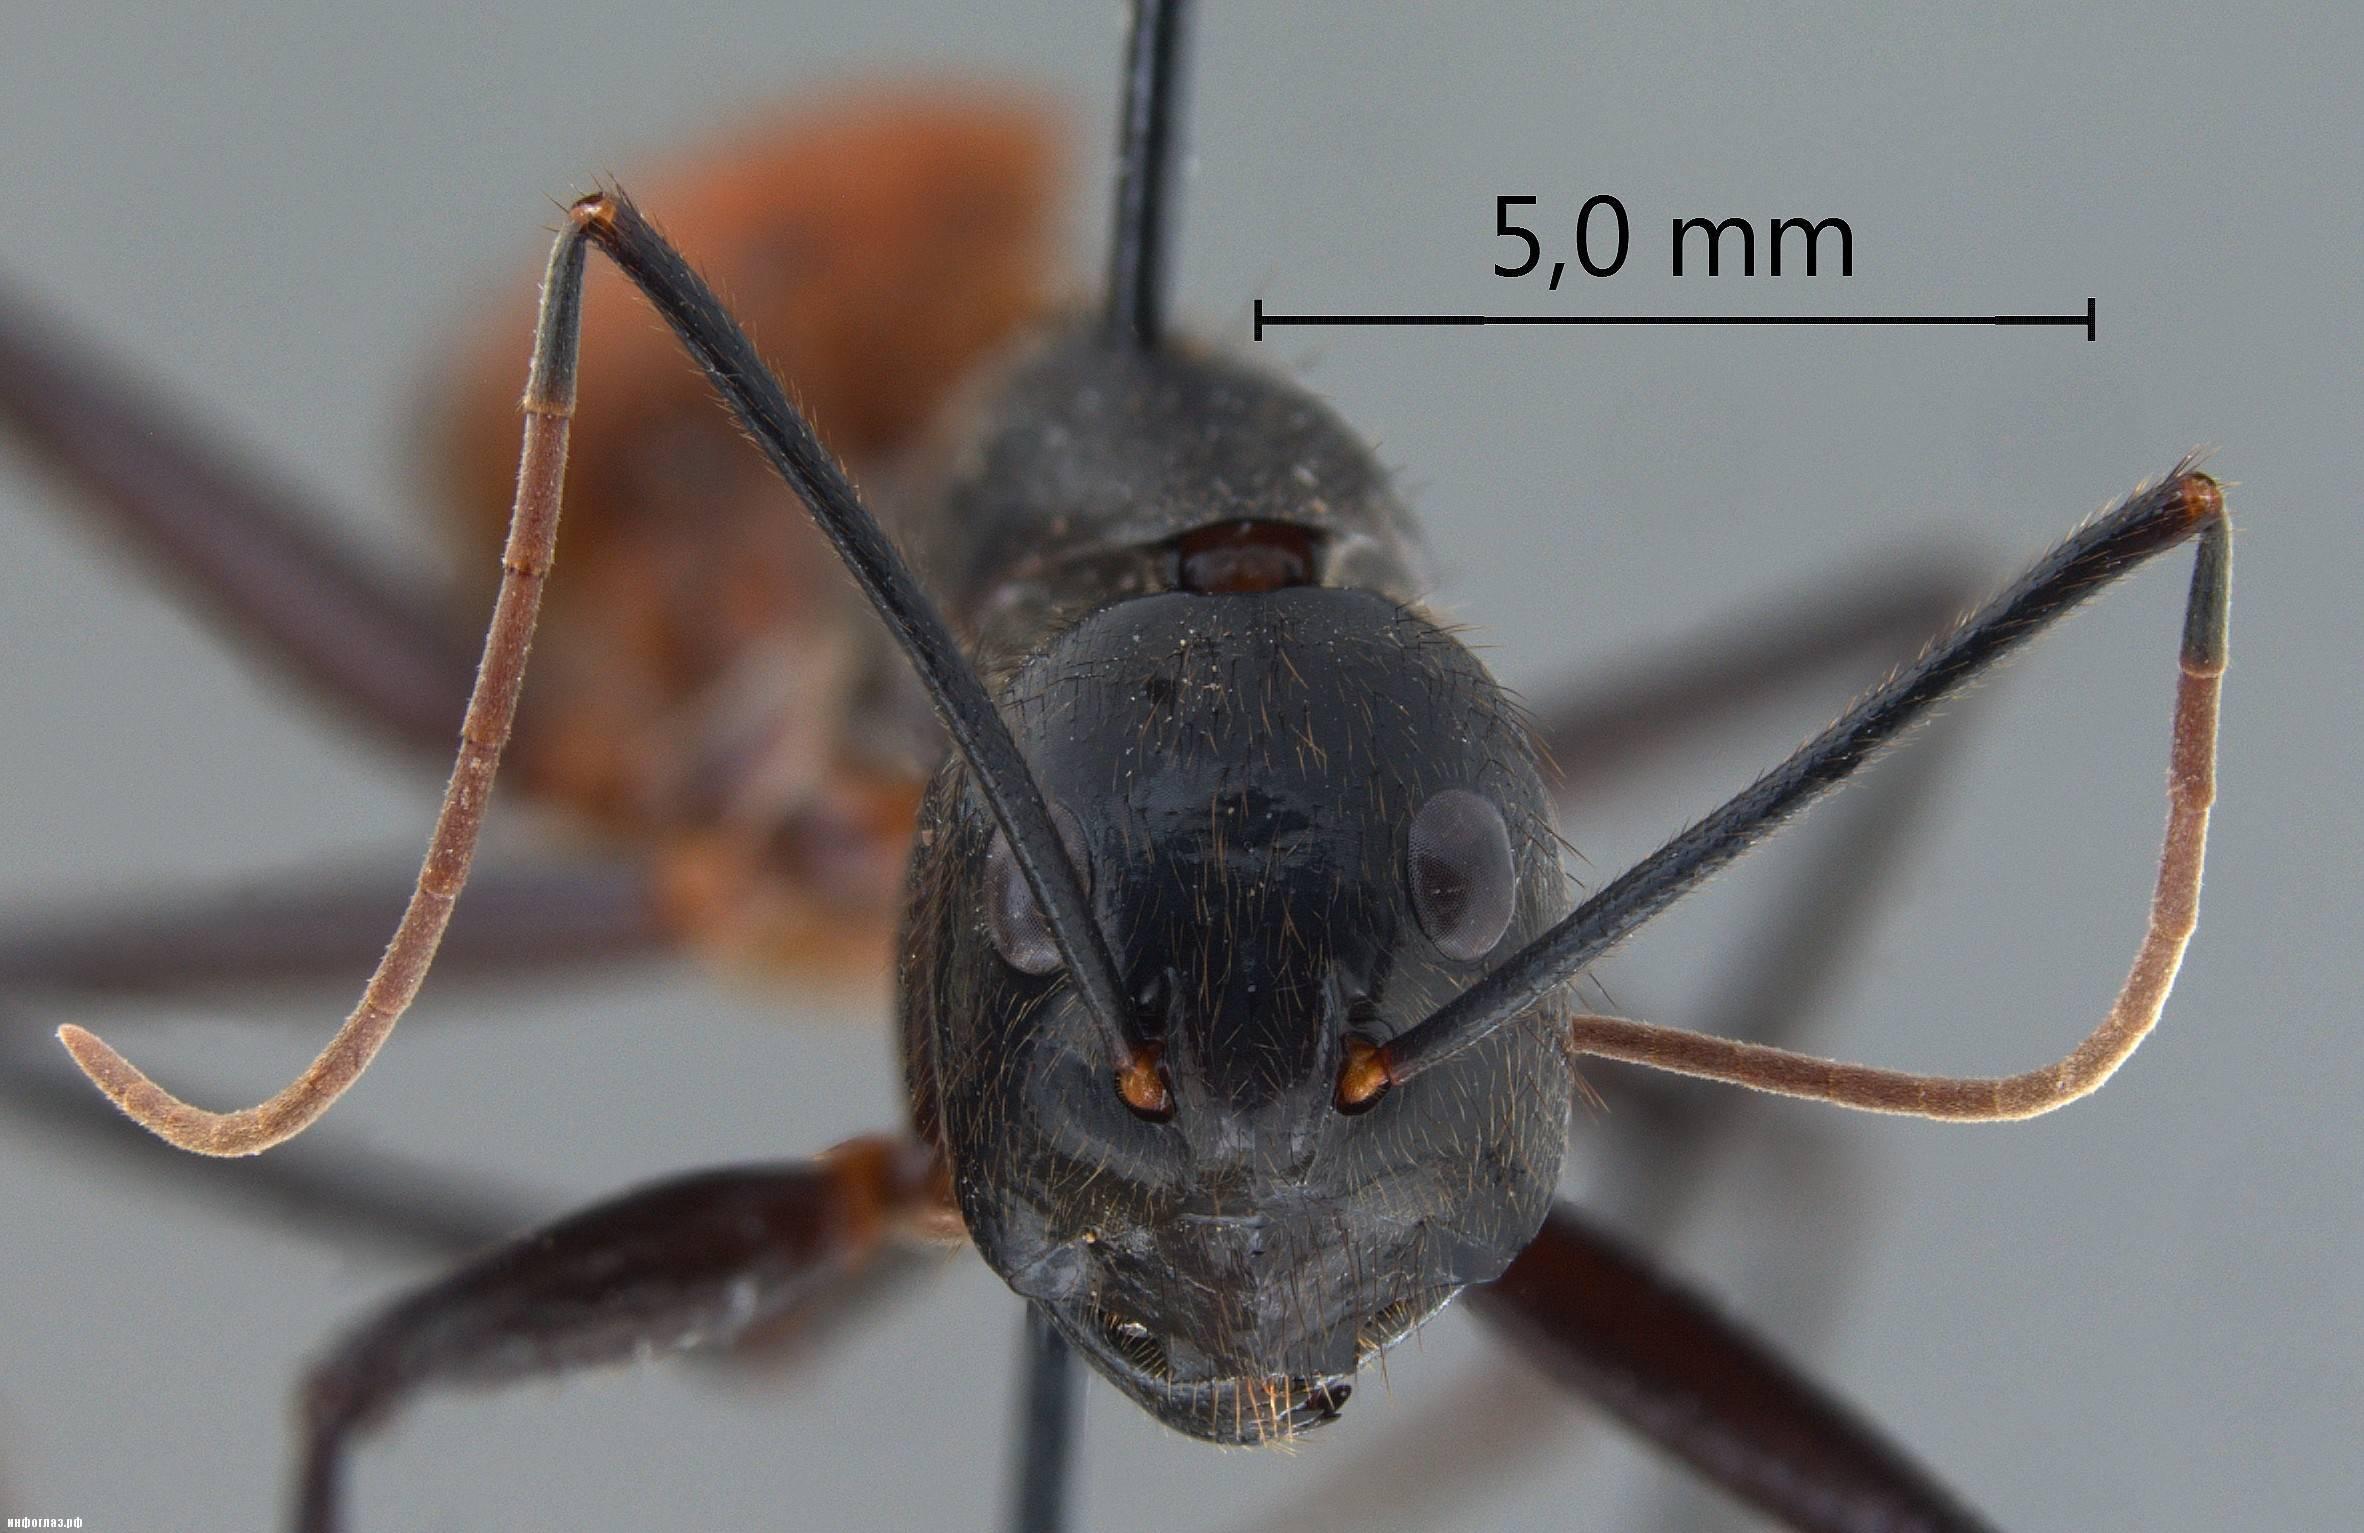 Самые большие муравьи в мире. фото, размеры, название, где обитают, видео